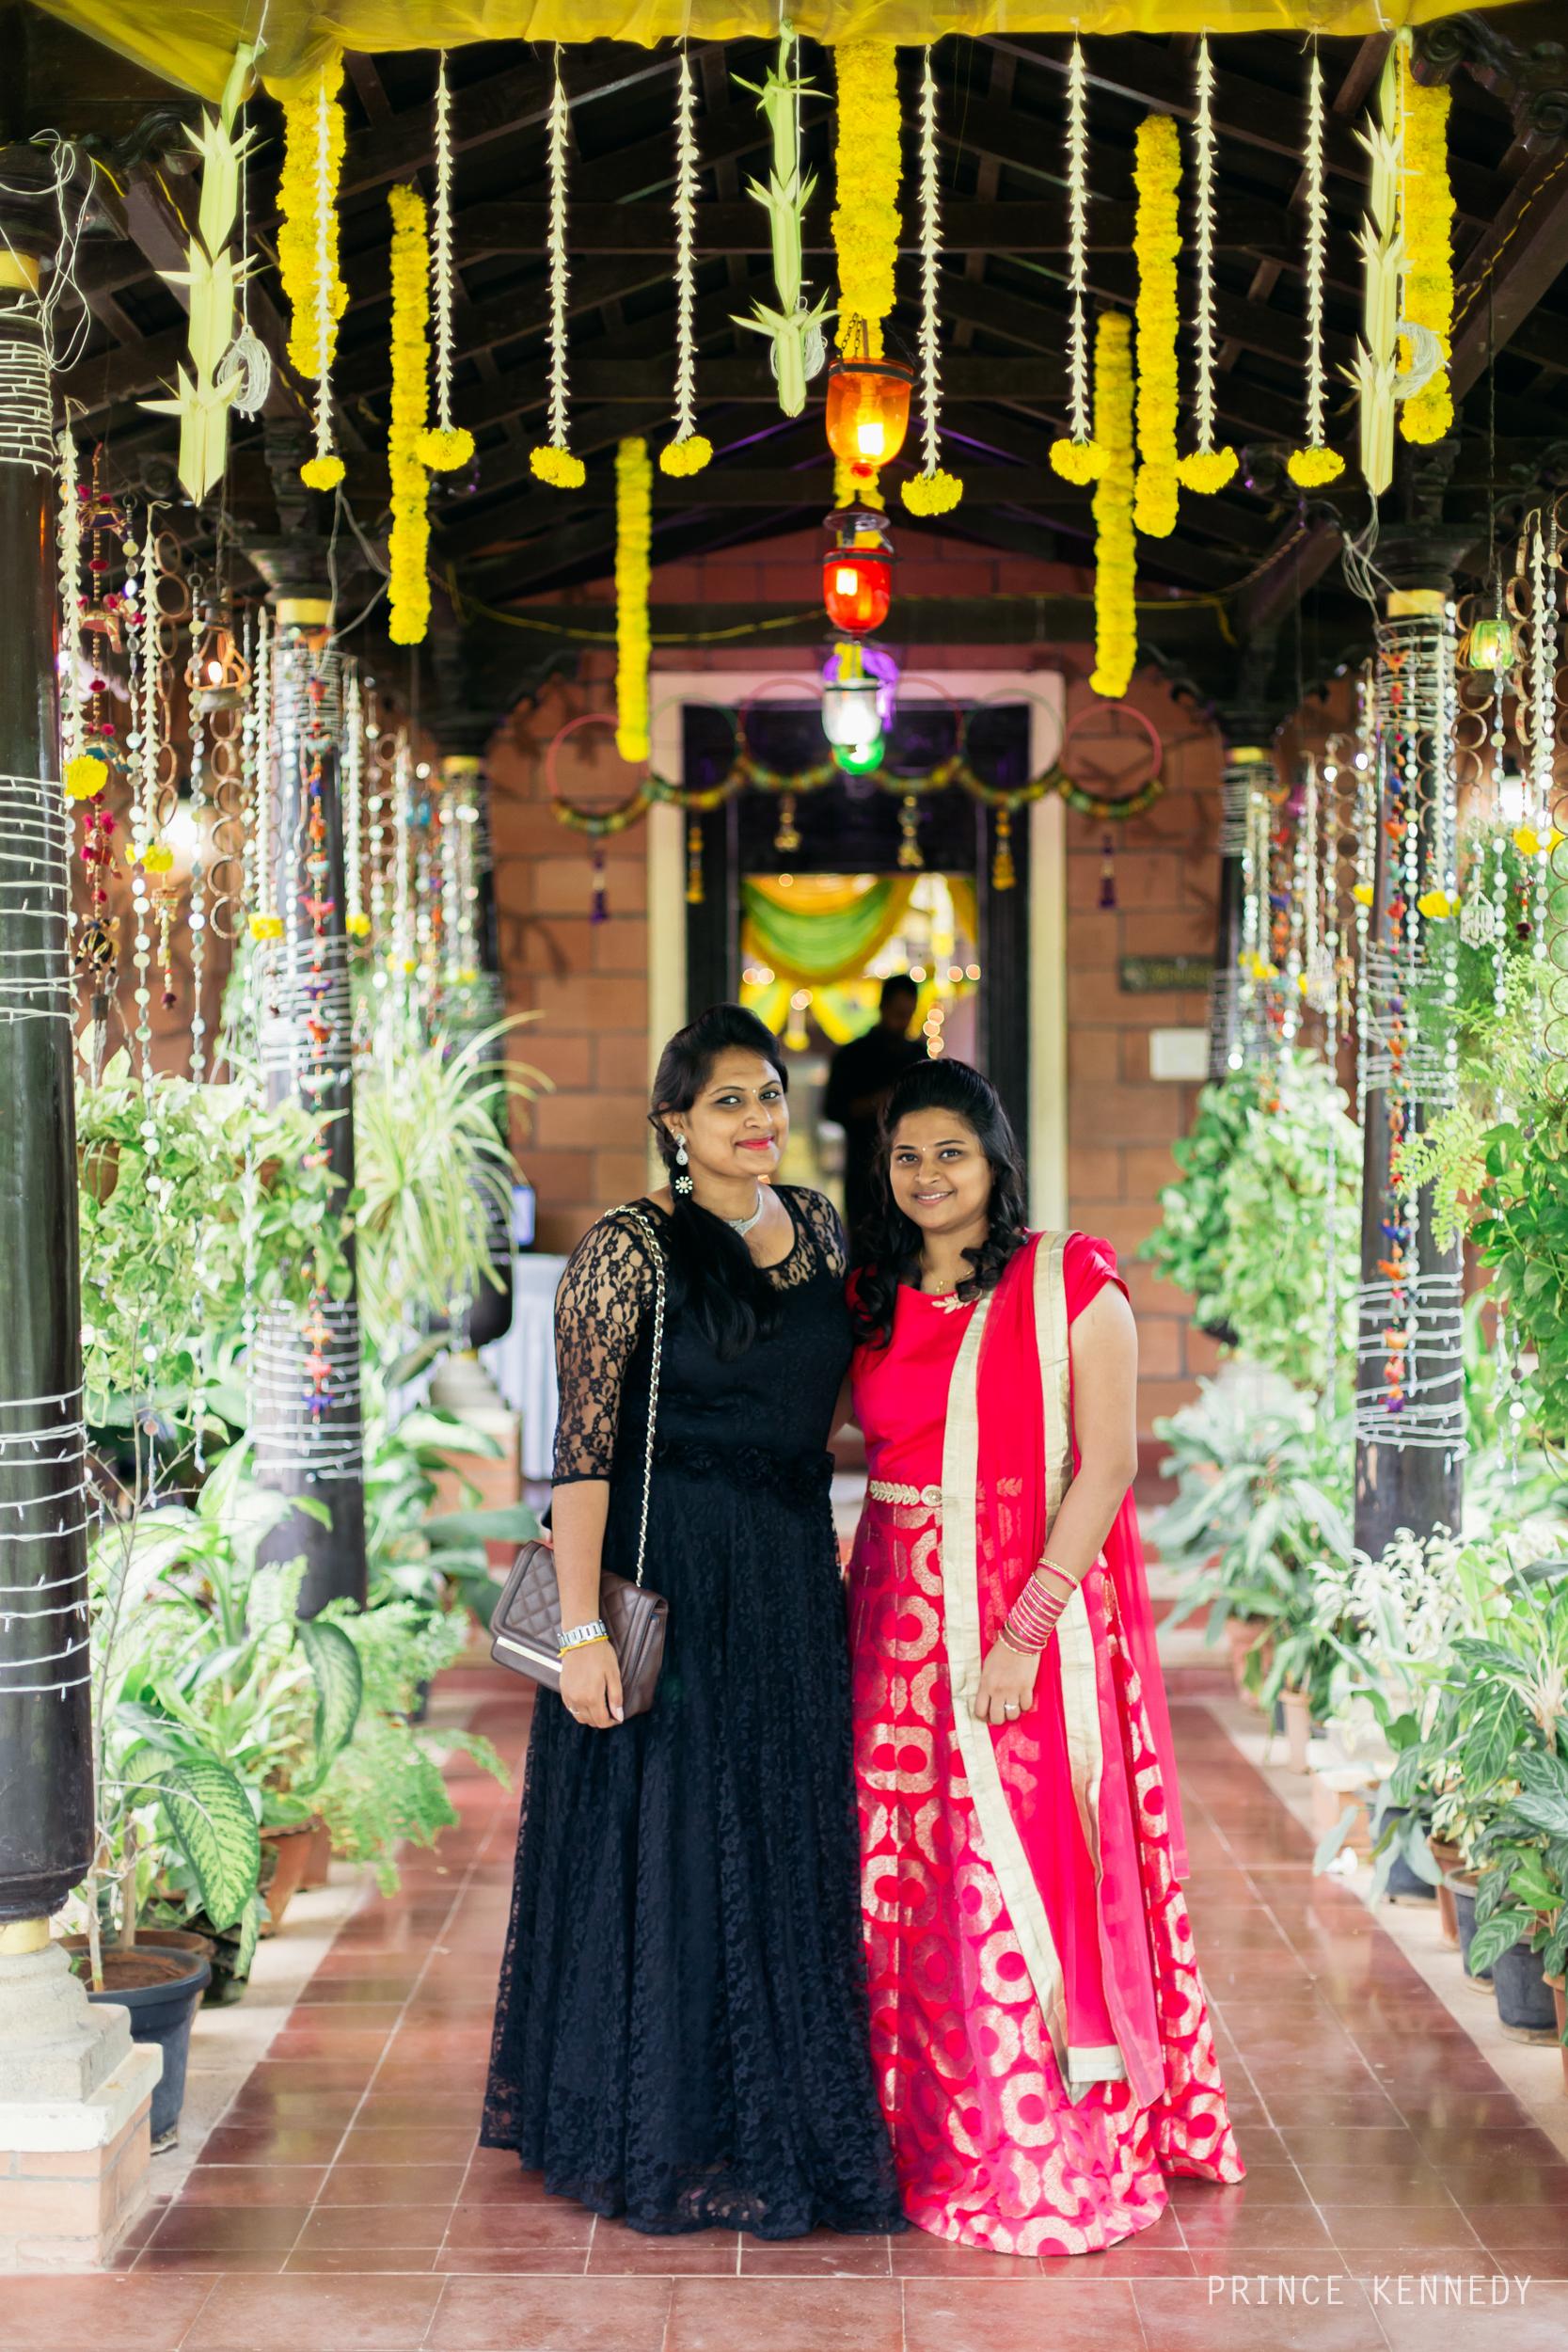 Engagement-Couple-Portrait-Portraiture-Wedding-Couple-Portrait-Chennai-Photographer-Candid-Photography-Destination-Best-Prince-Kennedy-Photography-93.jpg